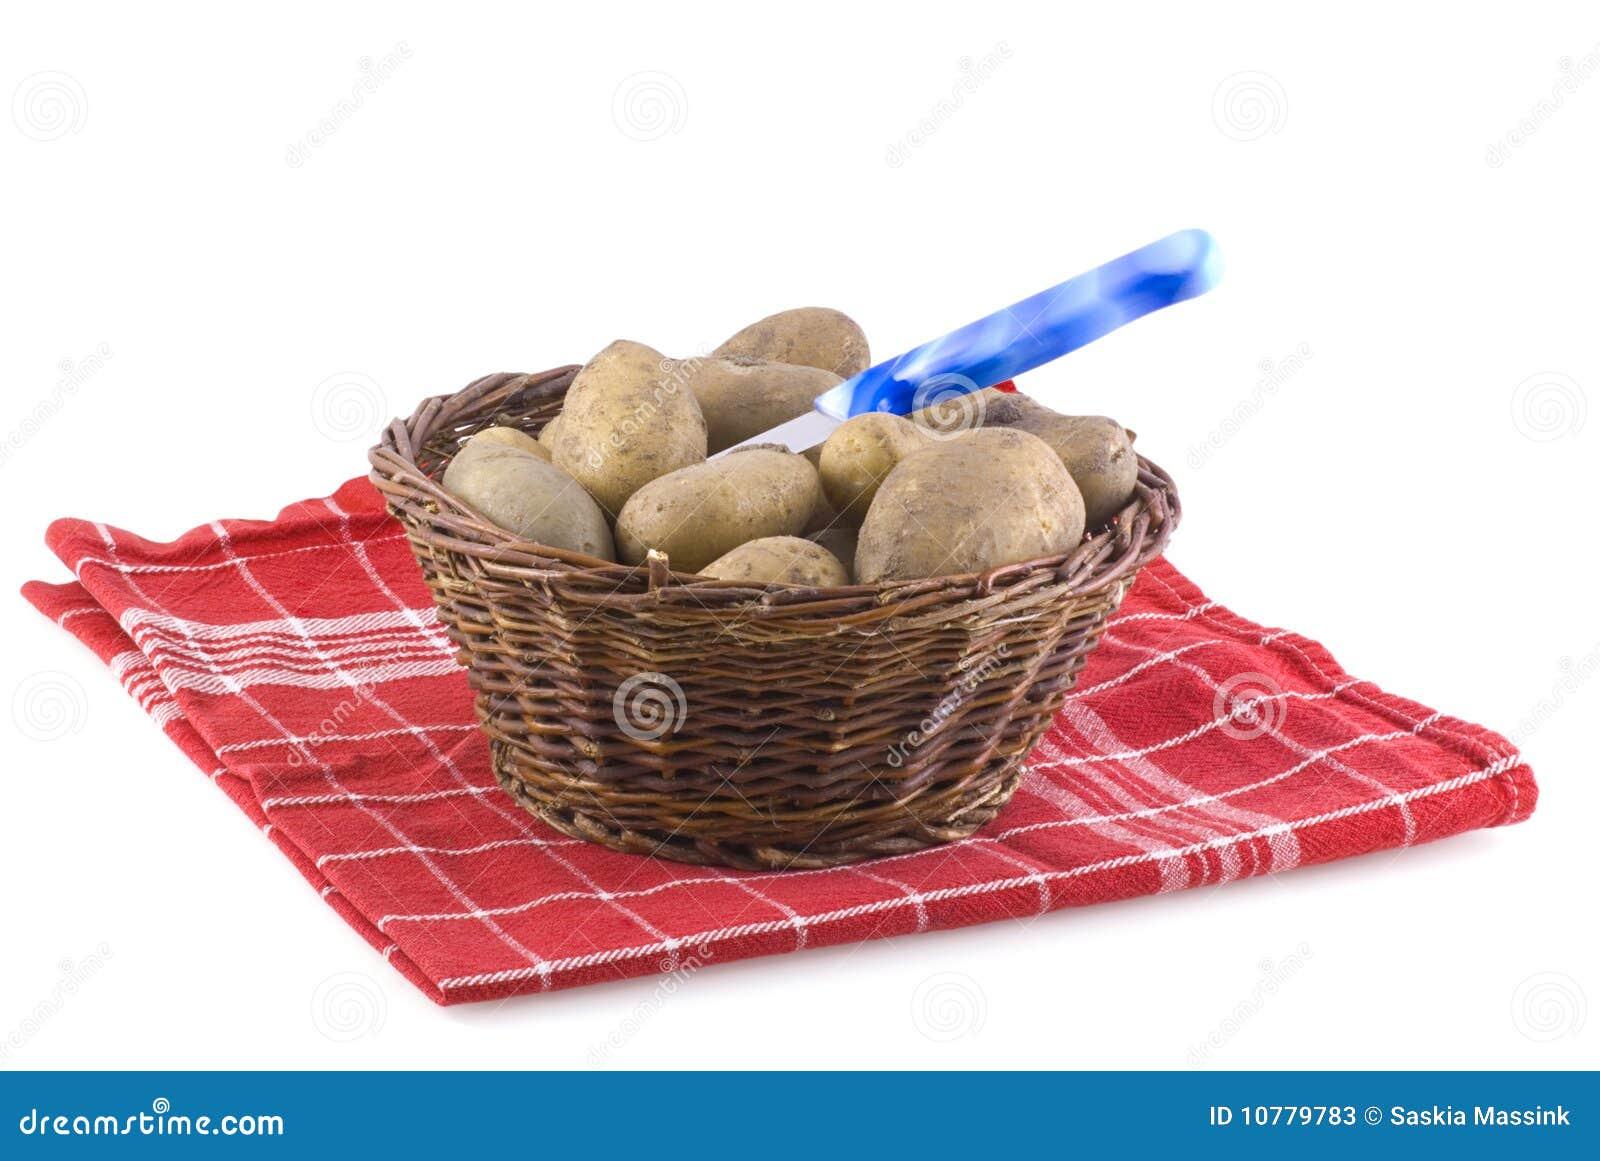 Aardappels.